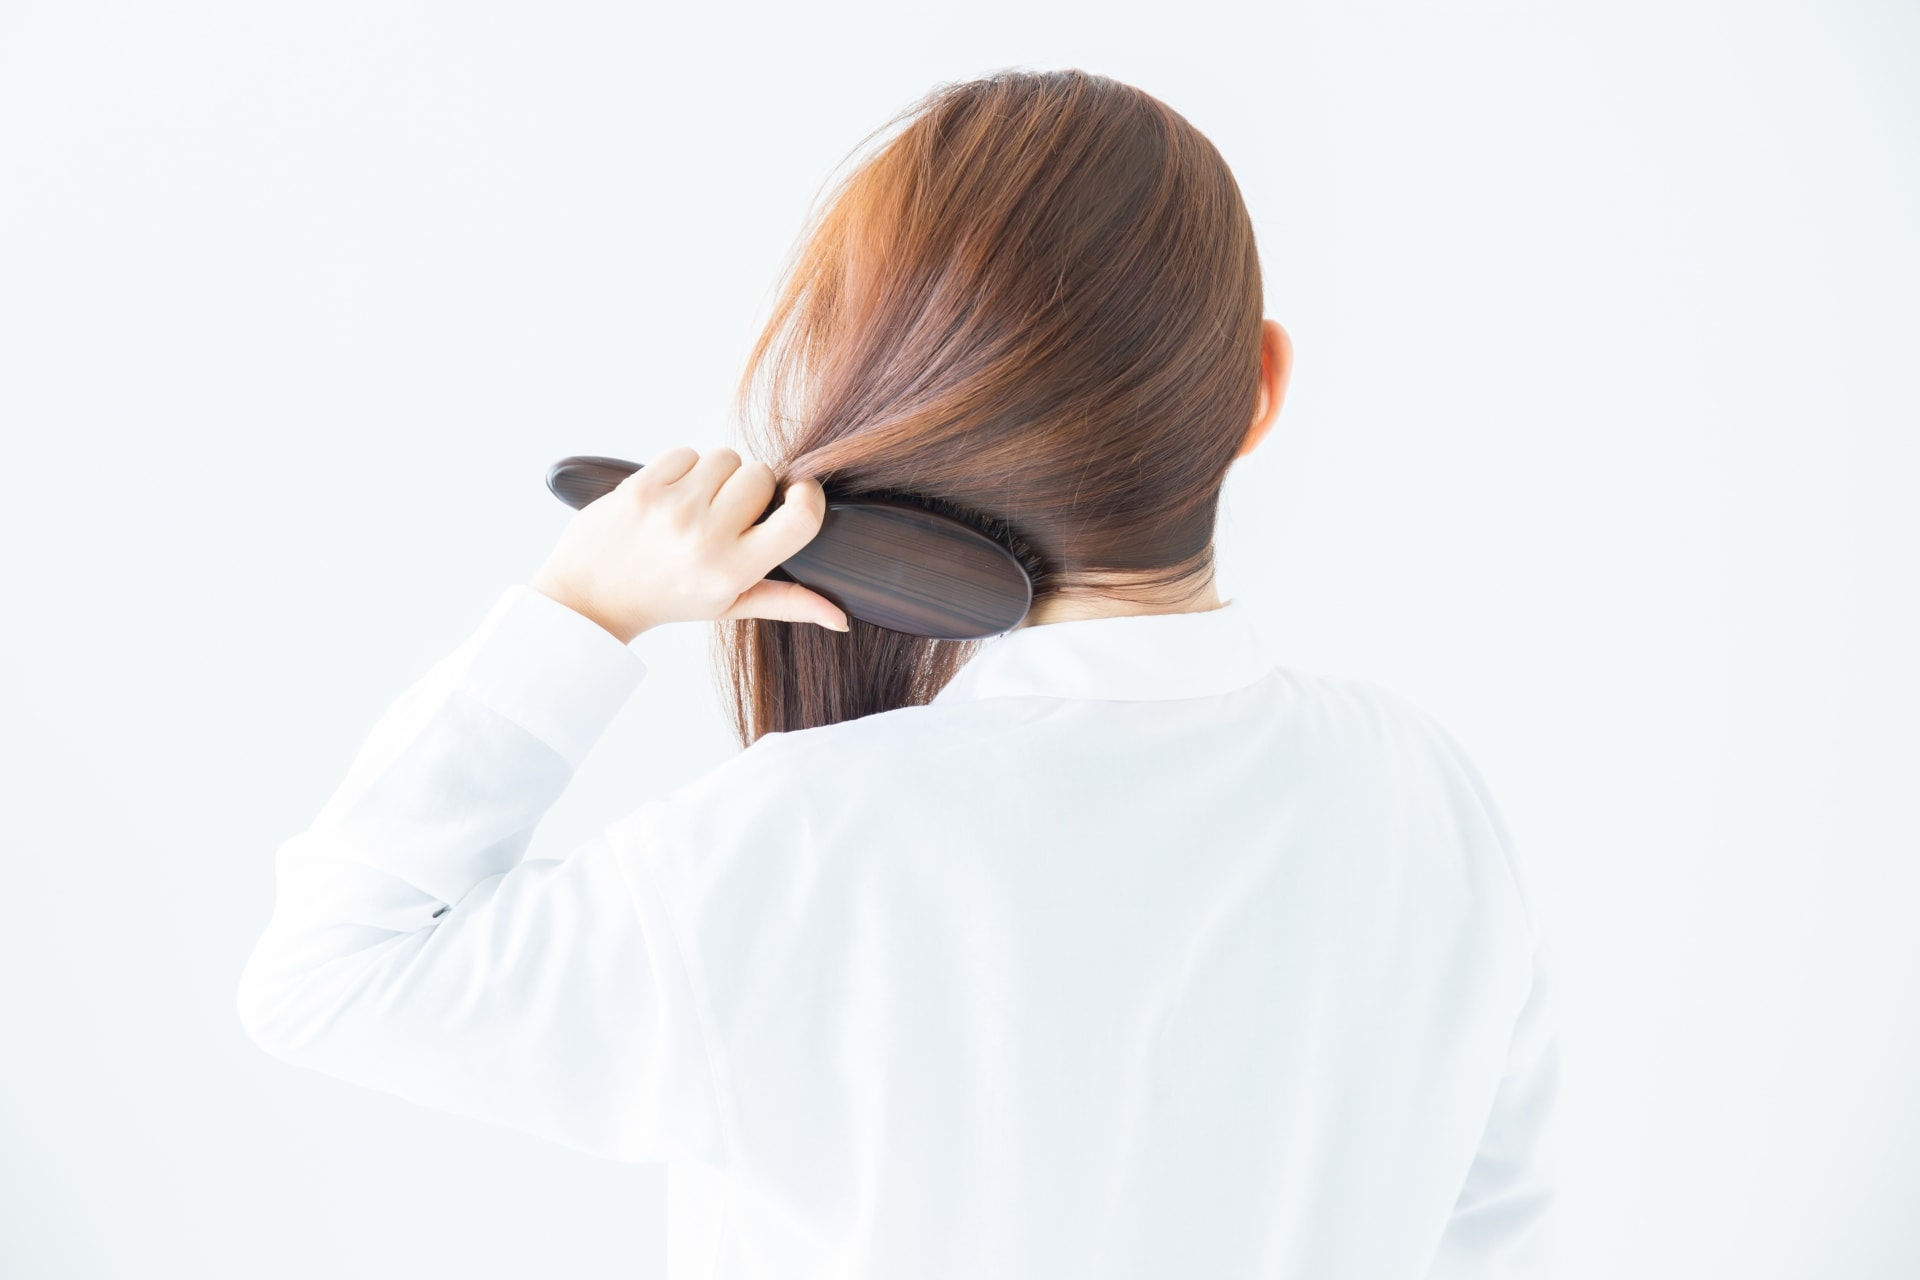 【女性の薄毛】50代の女性の薄毛の症状とは